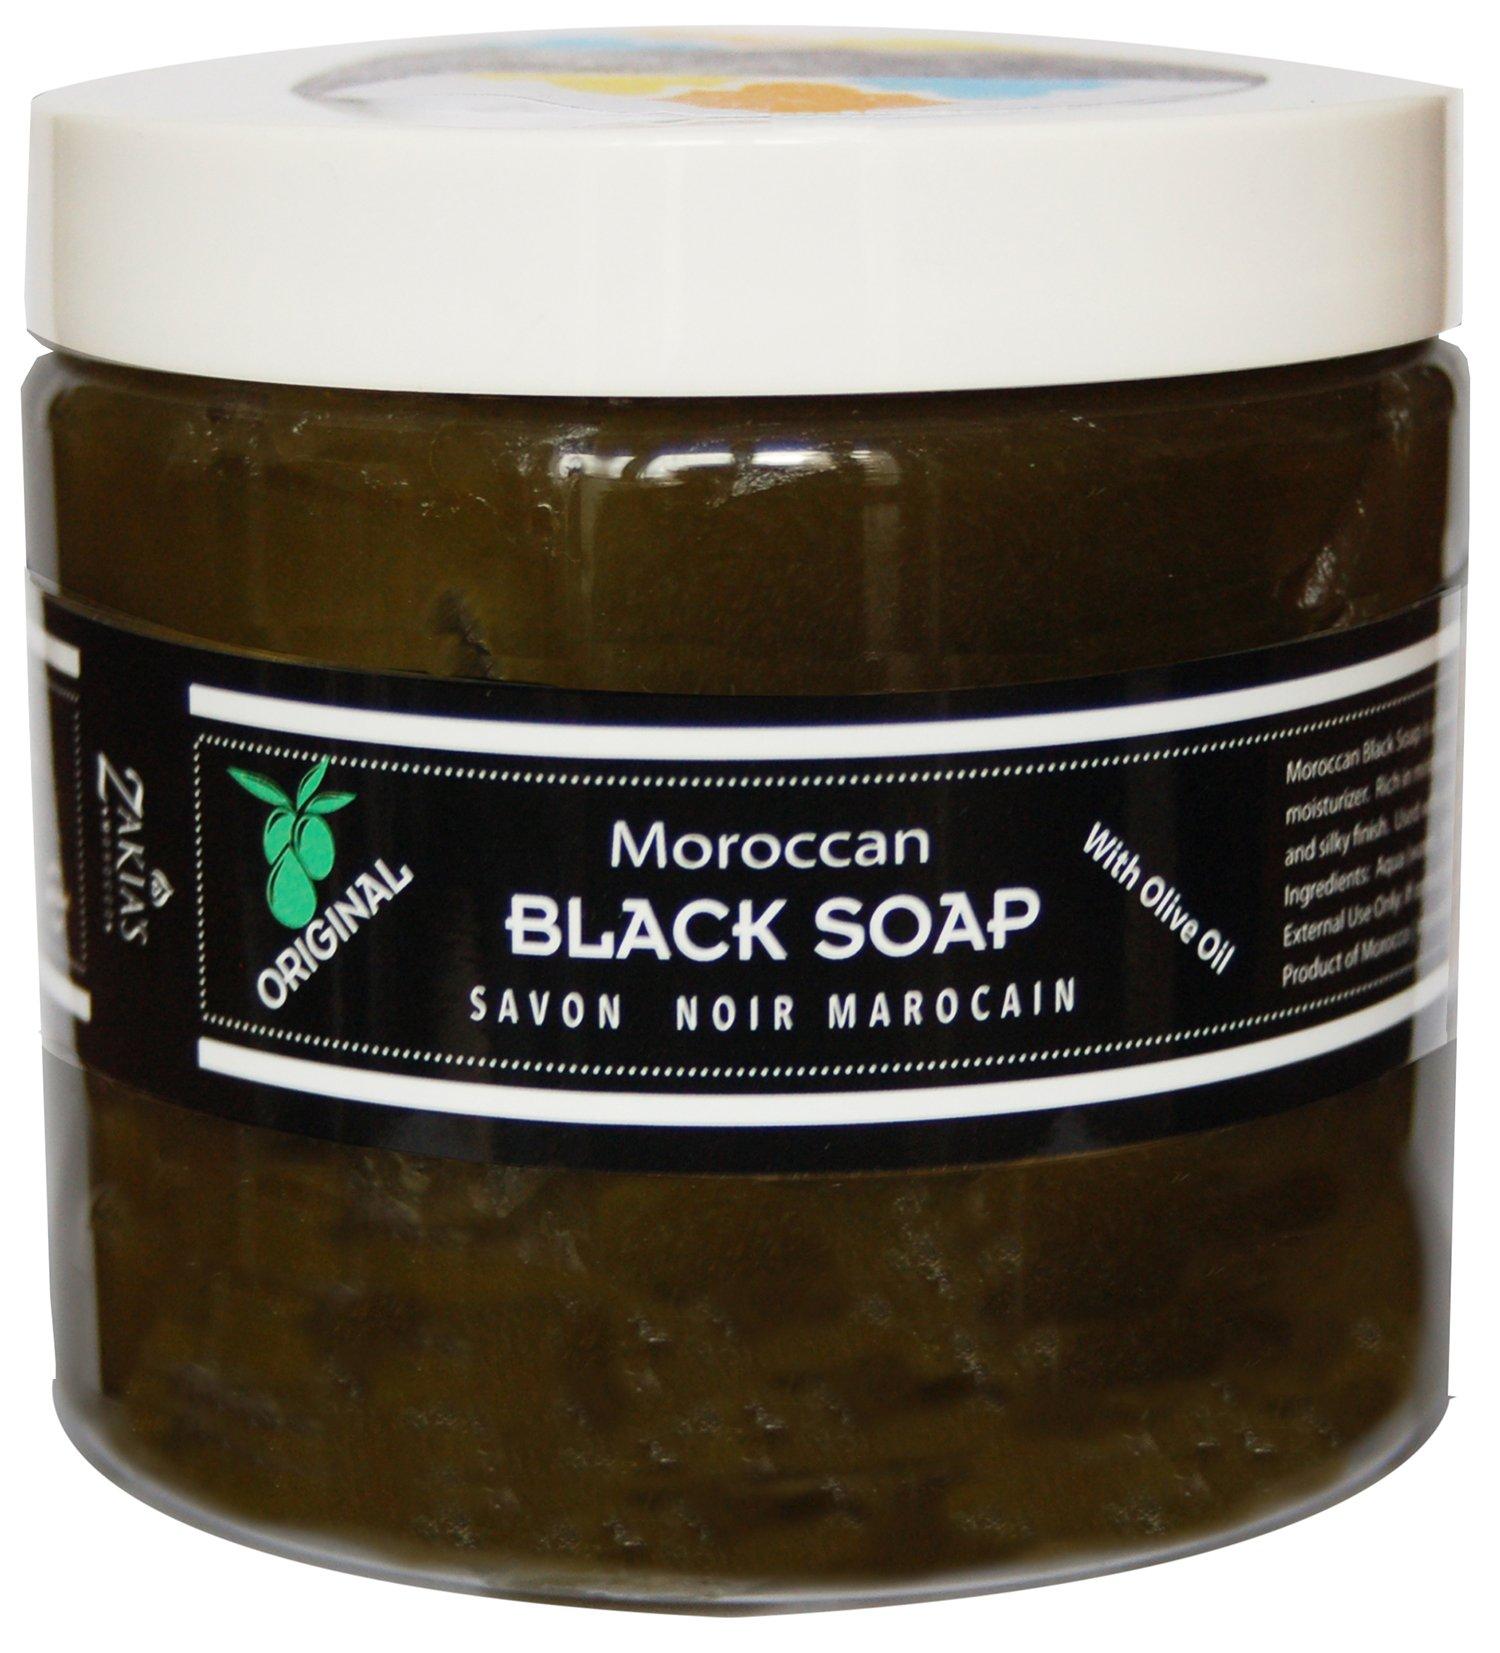 Moroccan Black Soap - Original -16 oz value size